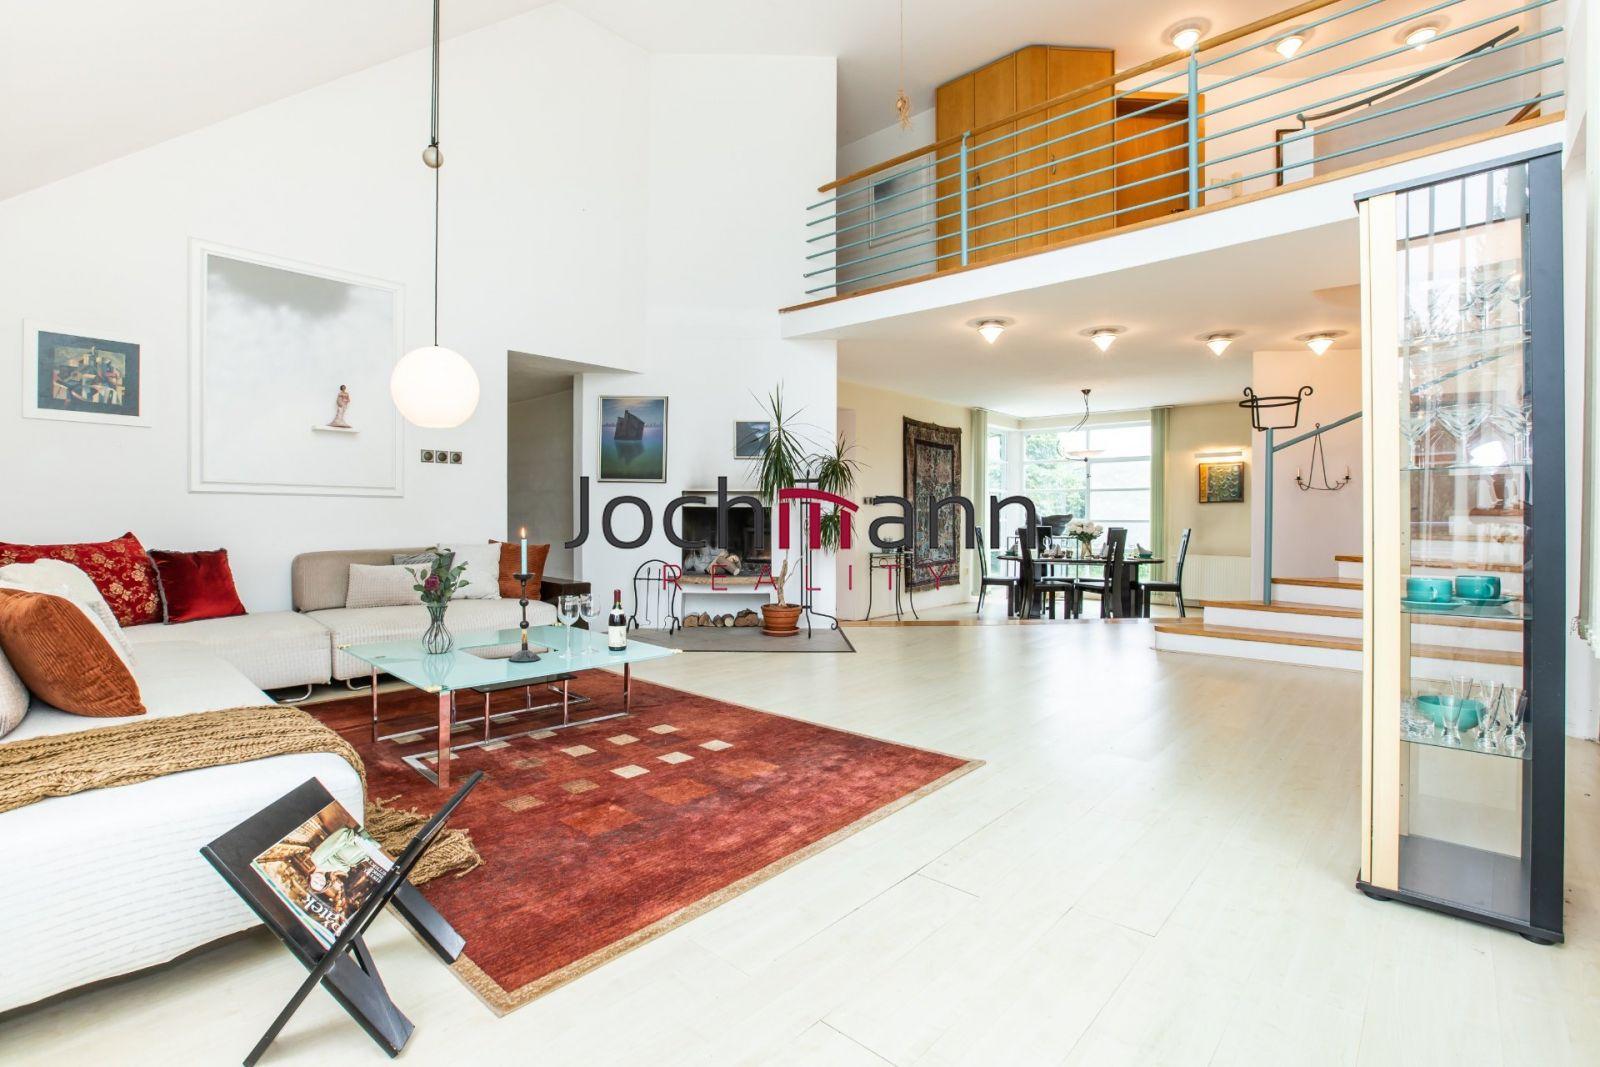 Prodej, Rodinné domy, 170m2  + 1 720m2 zahrada - Dobrá Voda u Českých Budějovic